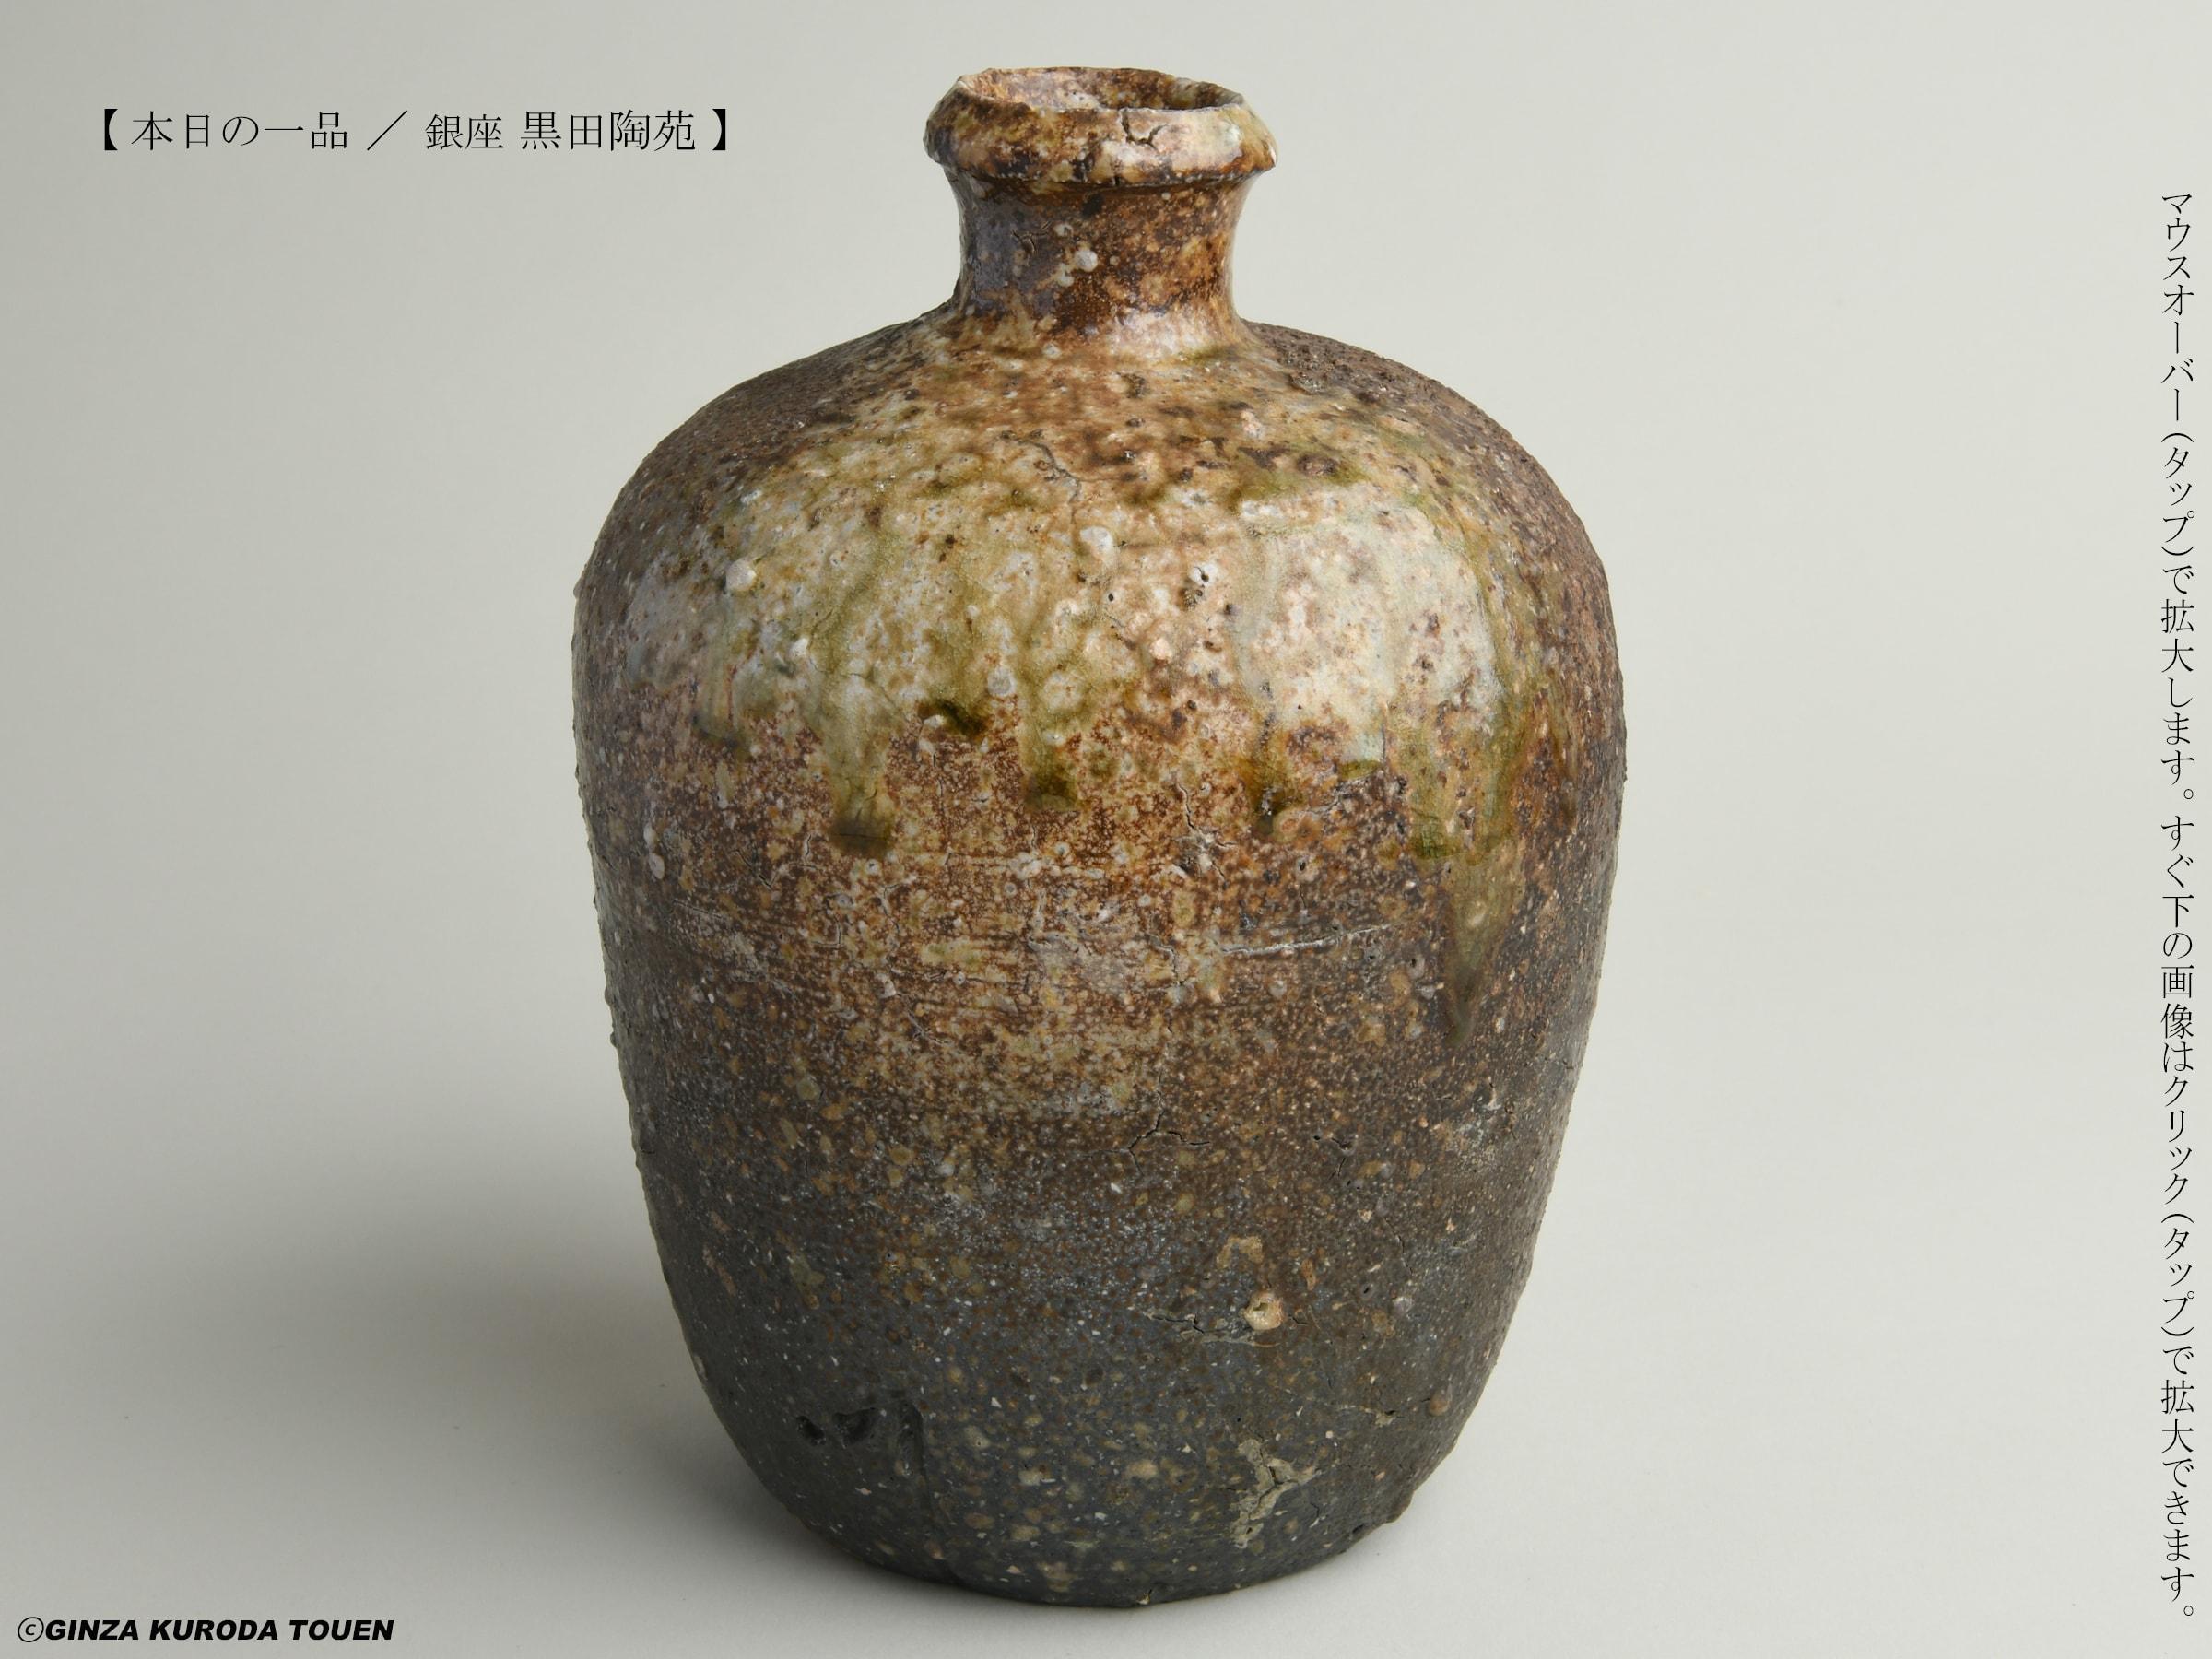 (日本語) 辻󠄀 清明 信楽瓶子